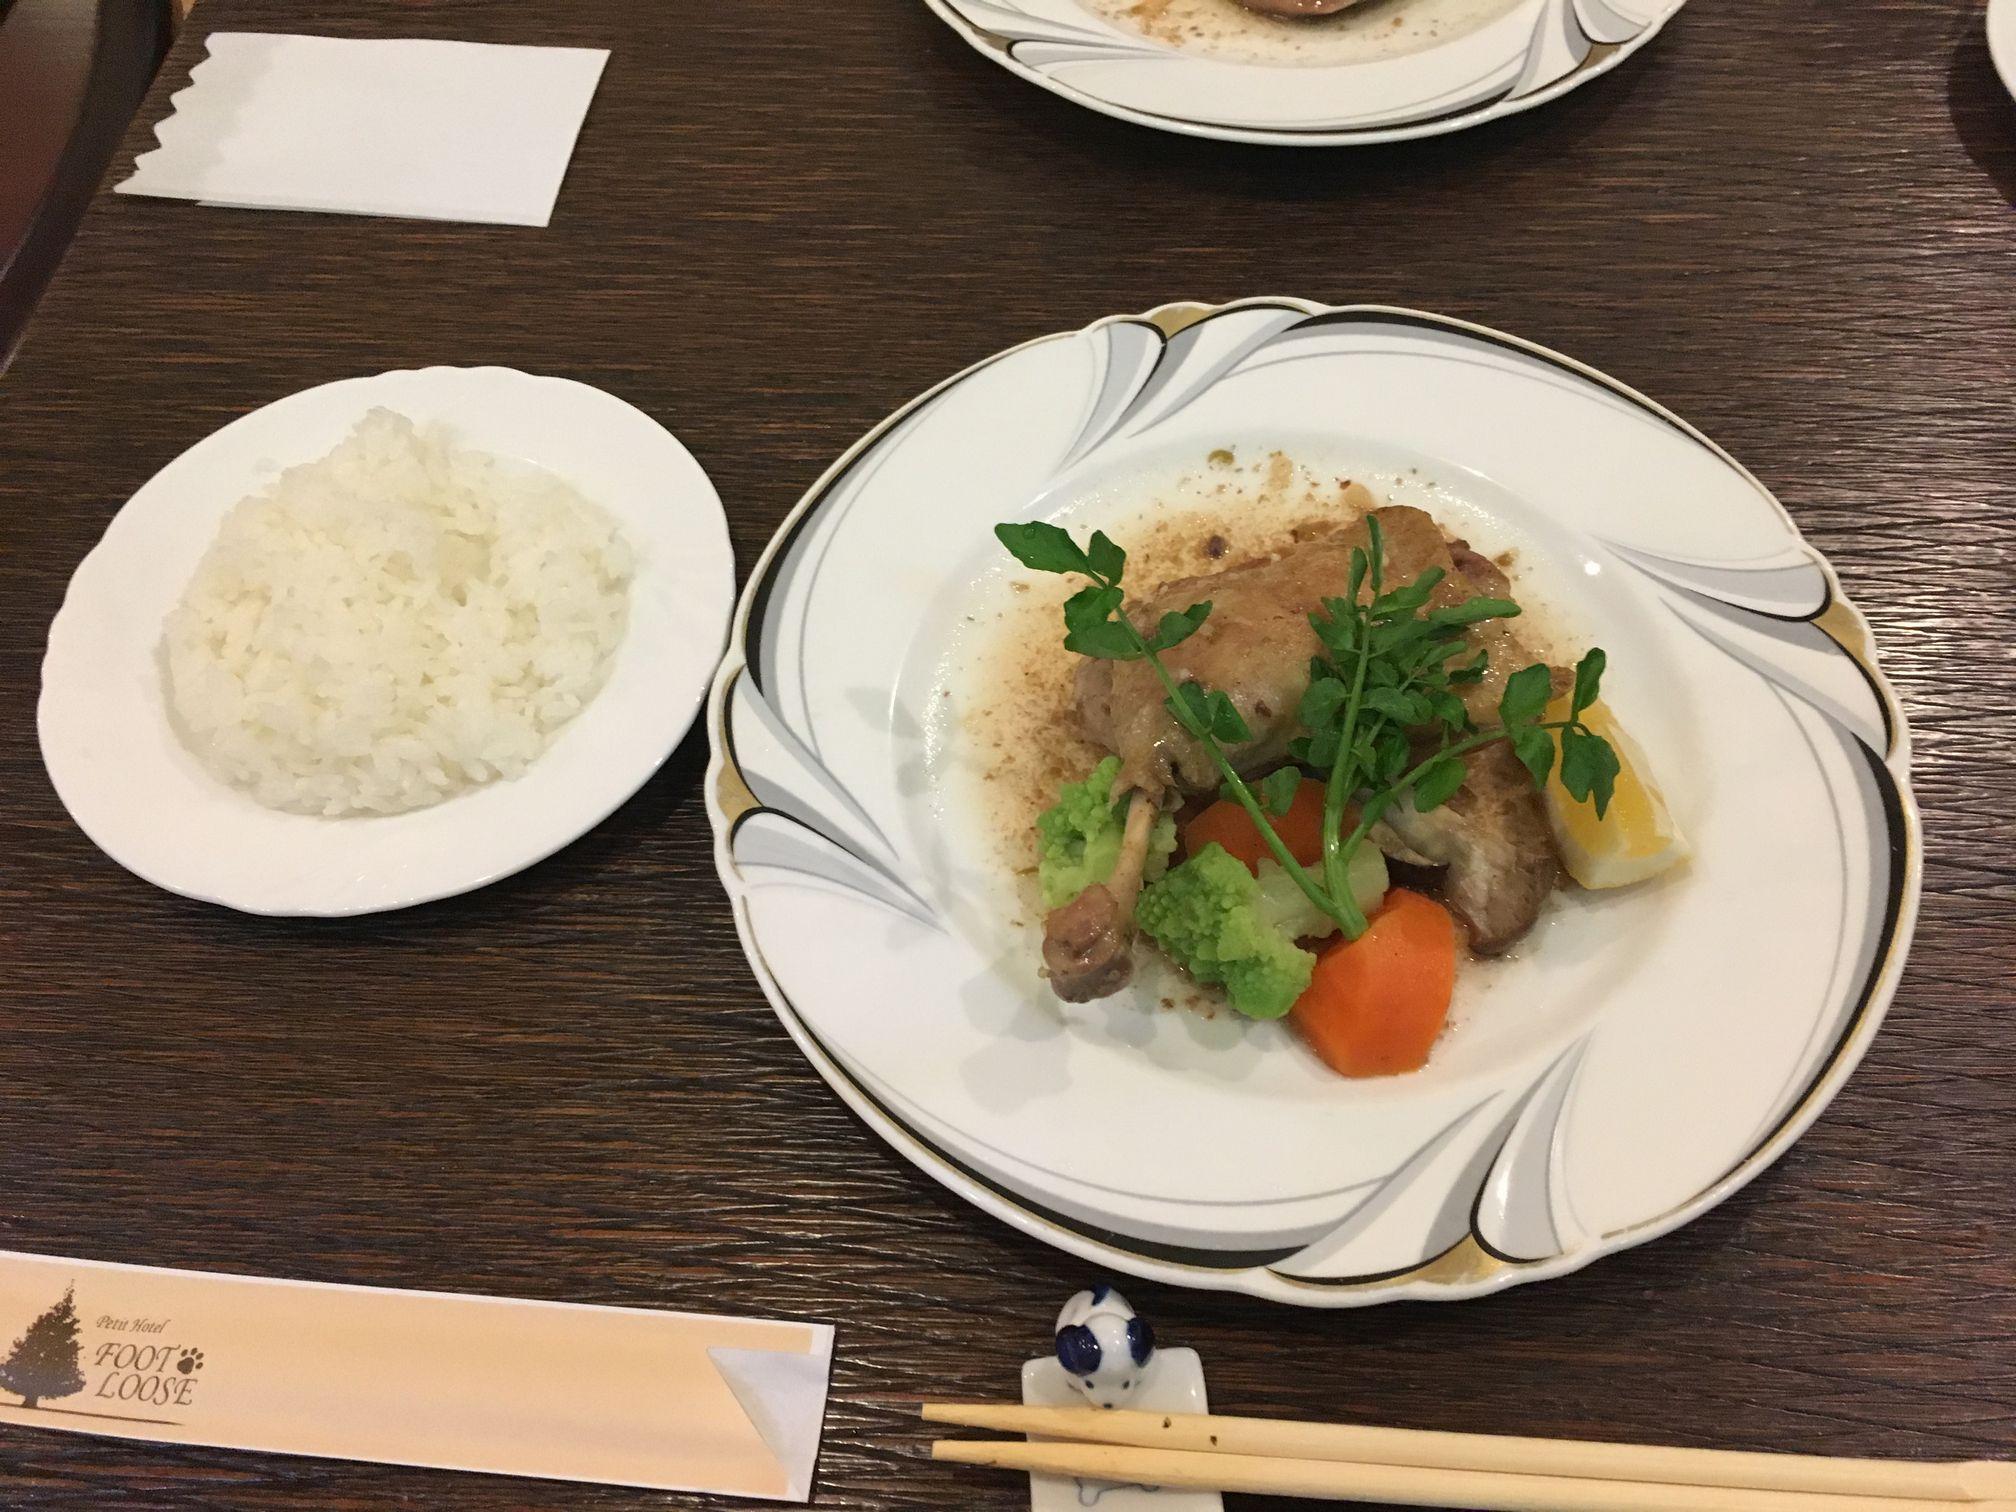 んまいもんシリーズ2017年福島~宮城~山梨旅行編_f0128542_117369.jpg